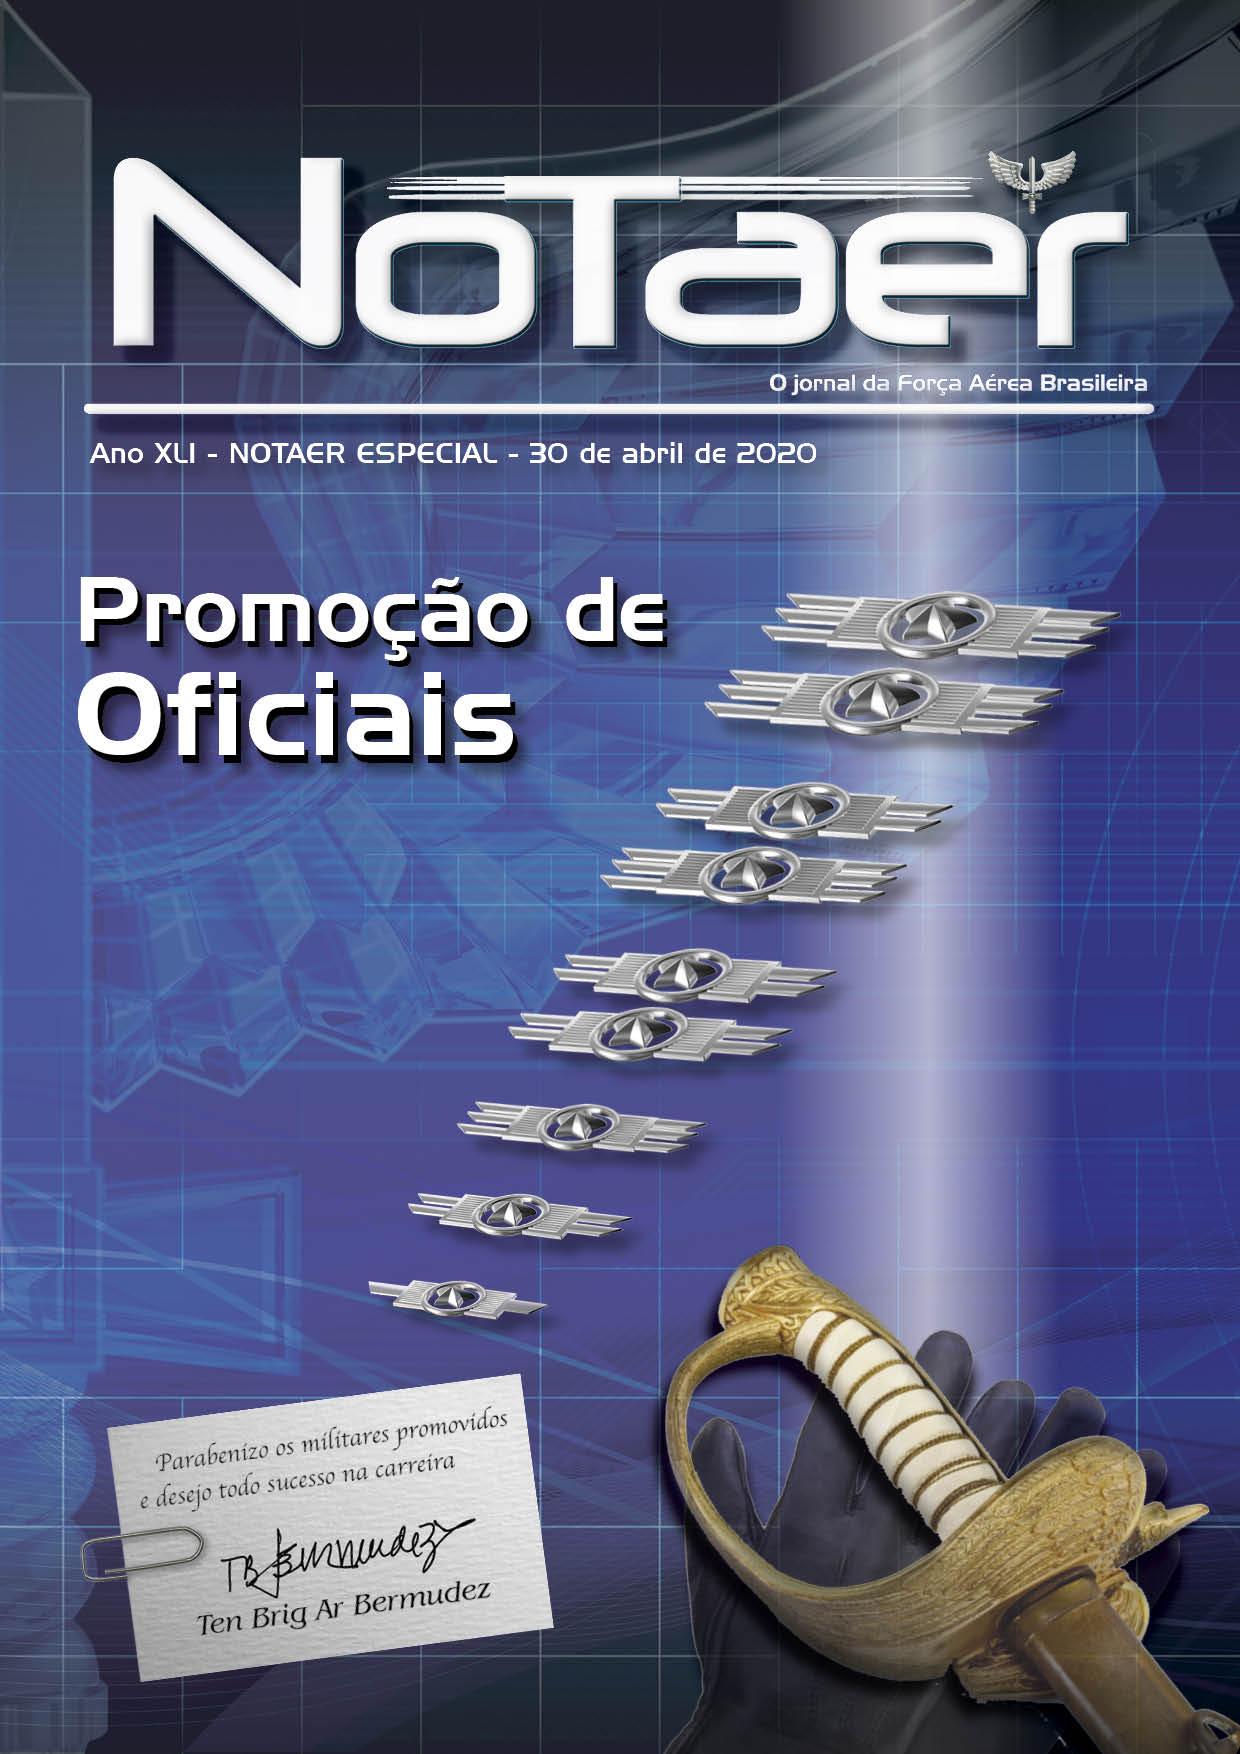 NOTAER - Especial Promoção de Oficiais - 30 de abril de 2020